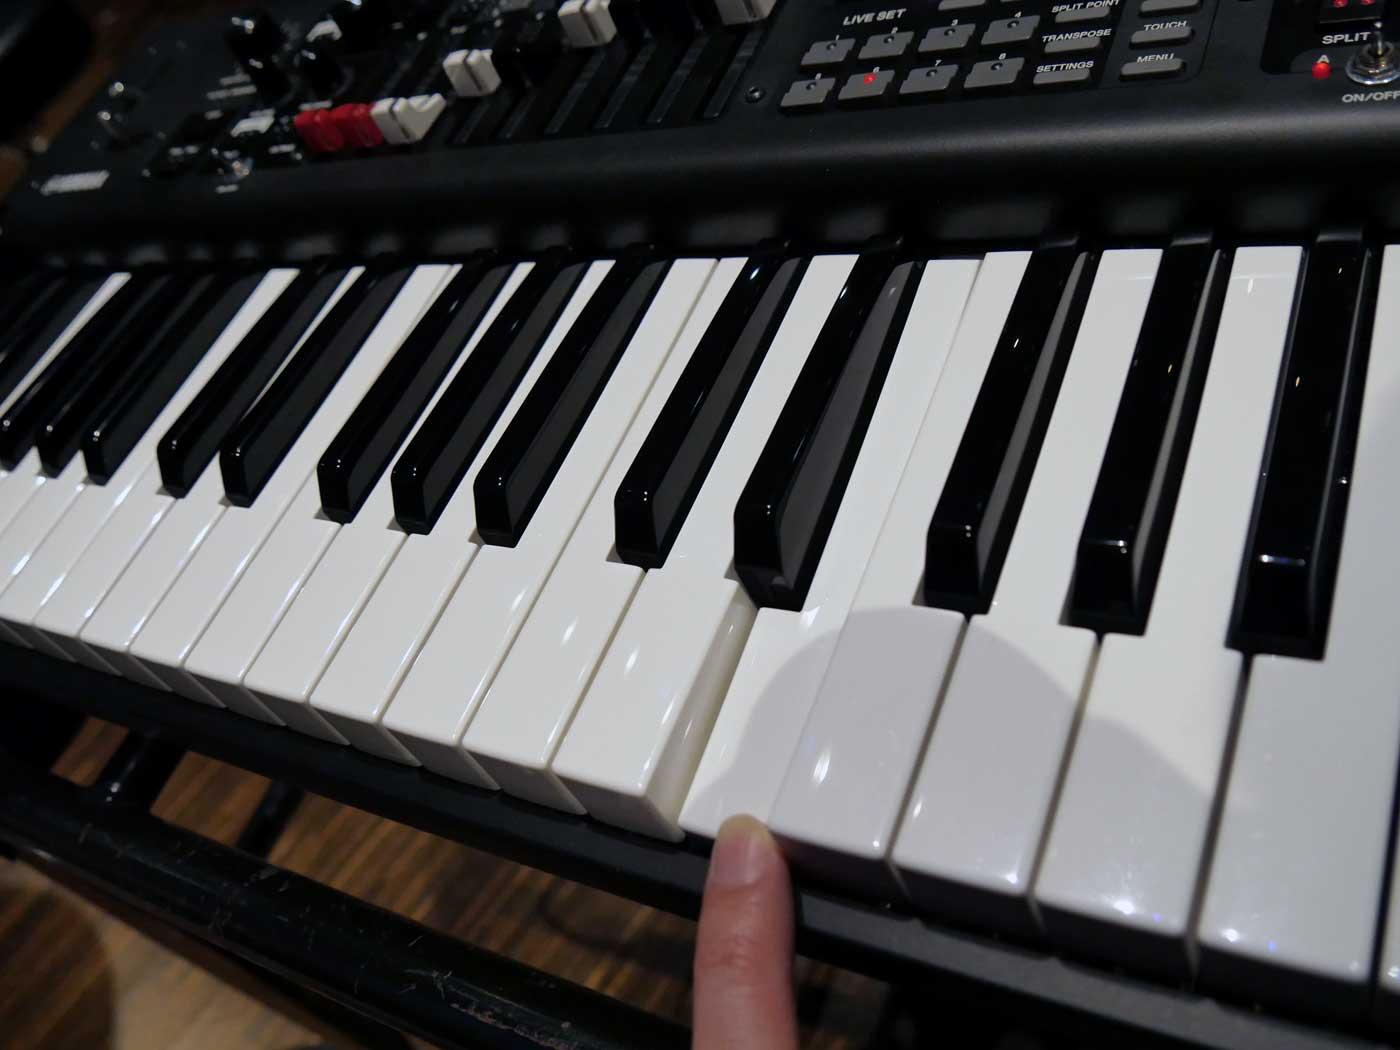 yc61-key